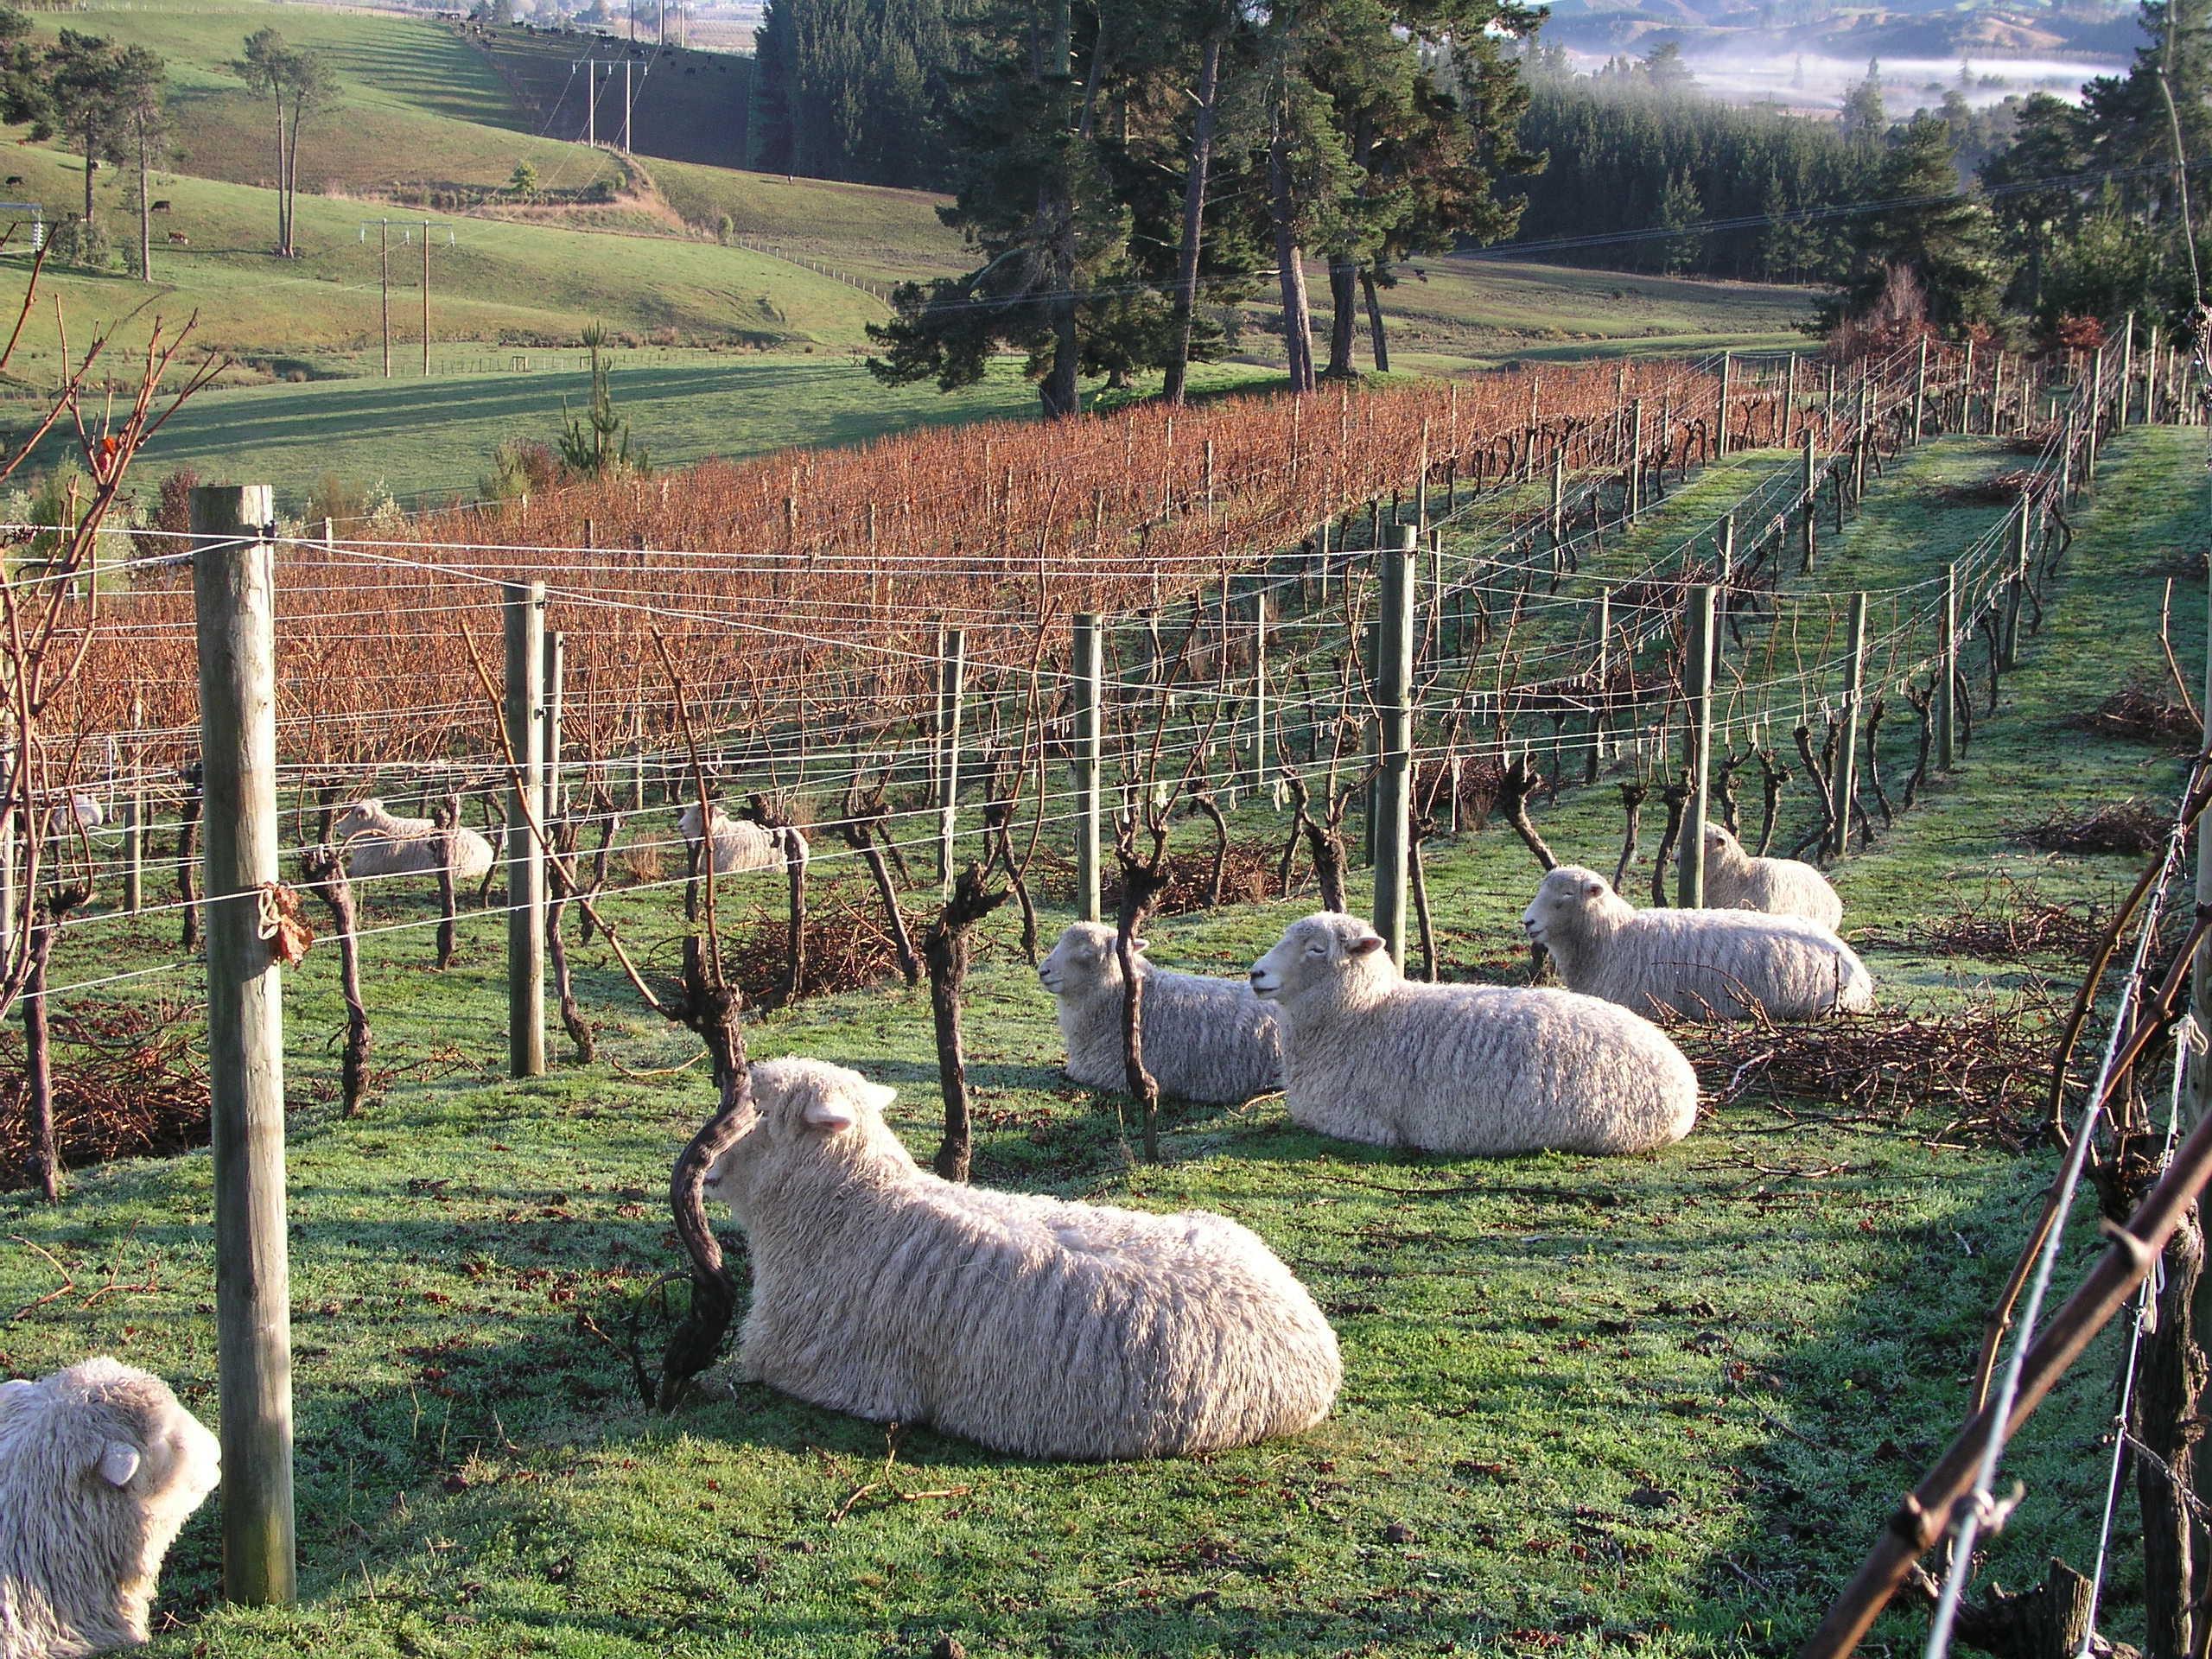 Himmelsfeld Vineyard